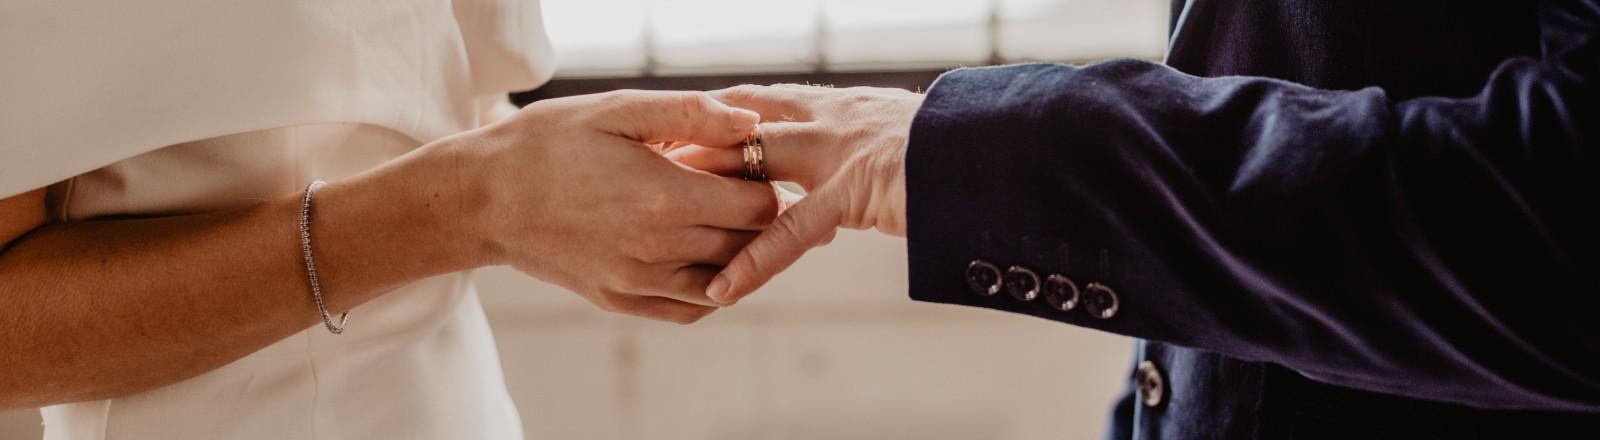 Eine Braut steckt ihrem Bräutigam den Ehering an den Finger.